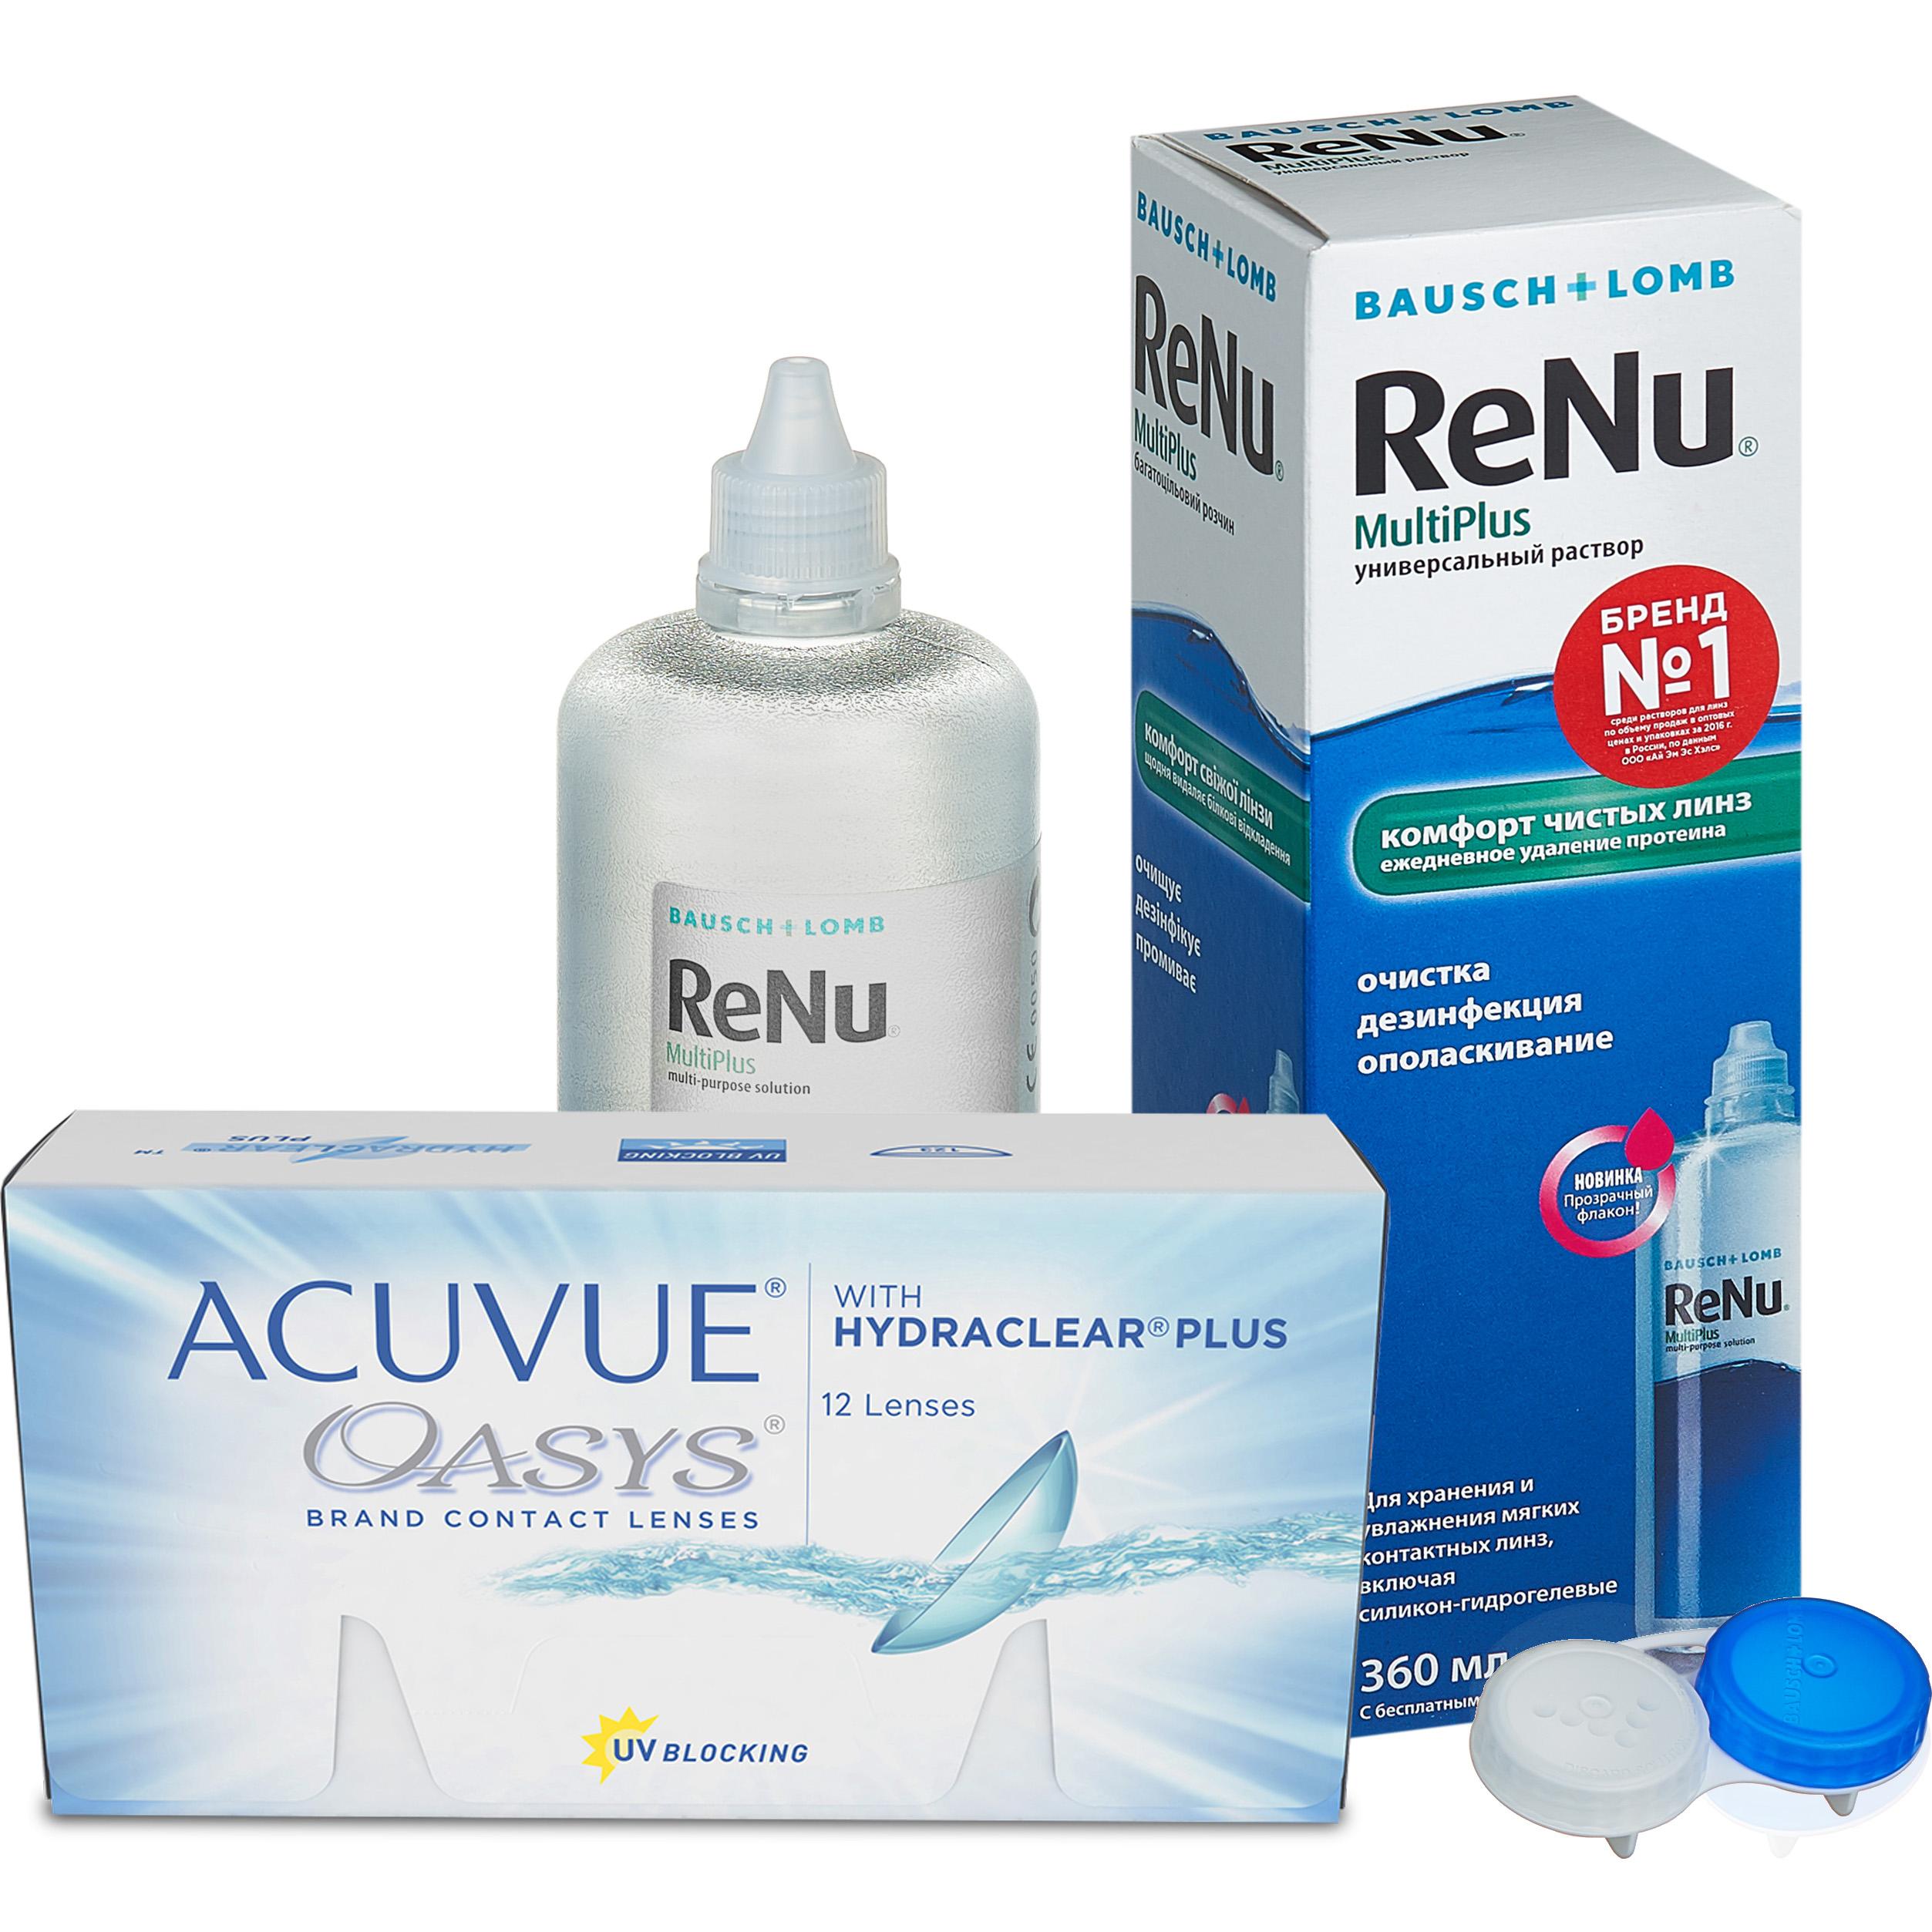 Купить Oasys with Hydraclear Plus 12 линз + ReNu MultiPlus, Линзы Acuvue Oasys with Hydraclear Plus 12 линз R 8.8 -4, 25 + ReNu Multi Plus 360 мл